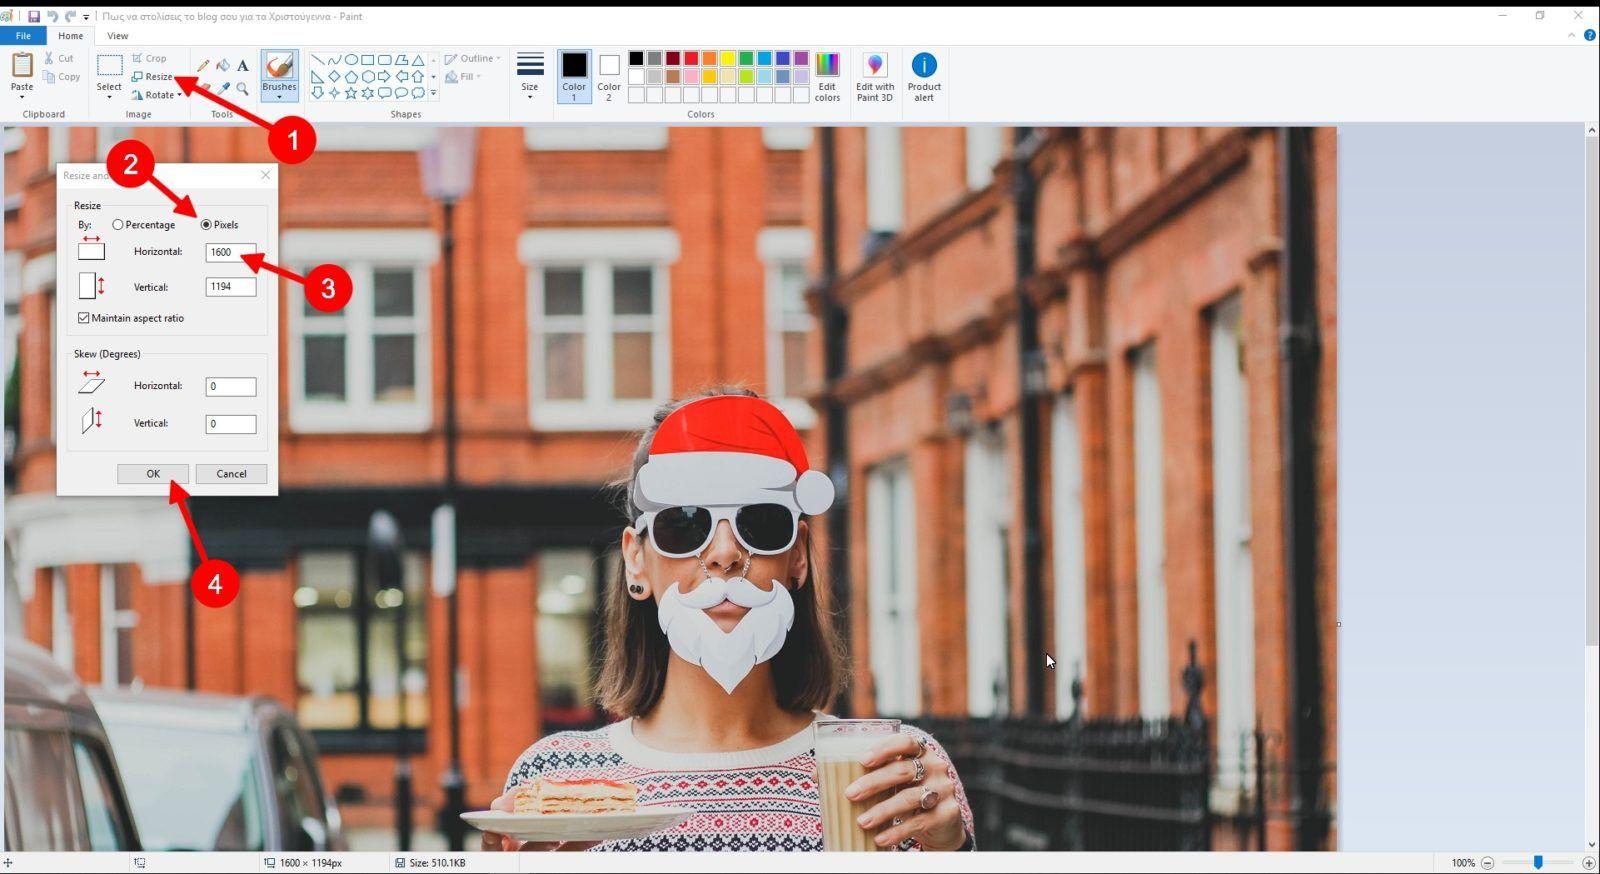 Συμπίεση φωτογραφιών μέσω της Ζωγραφικής των Windows